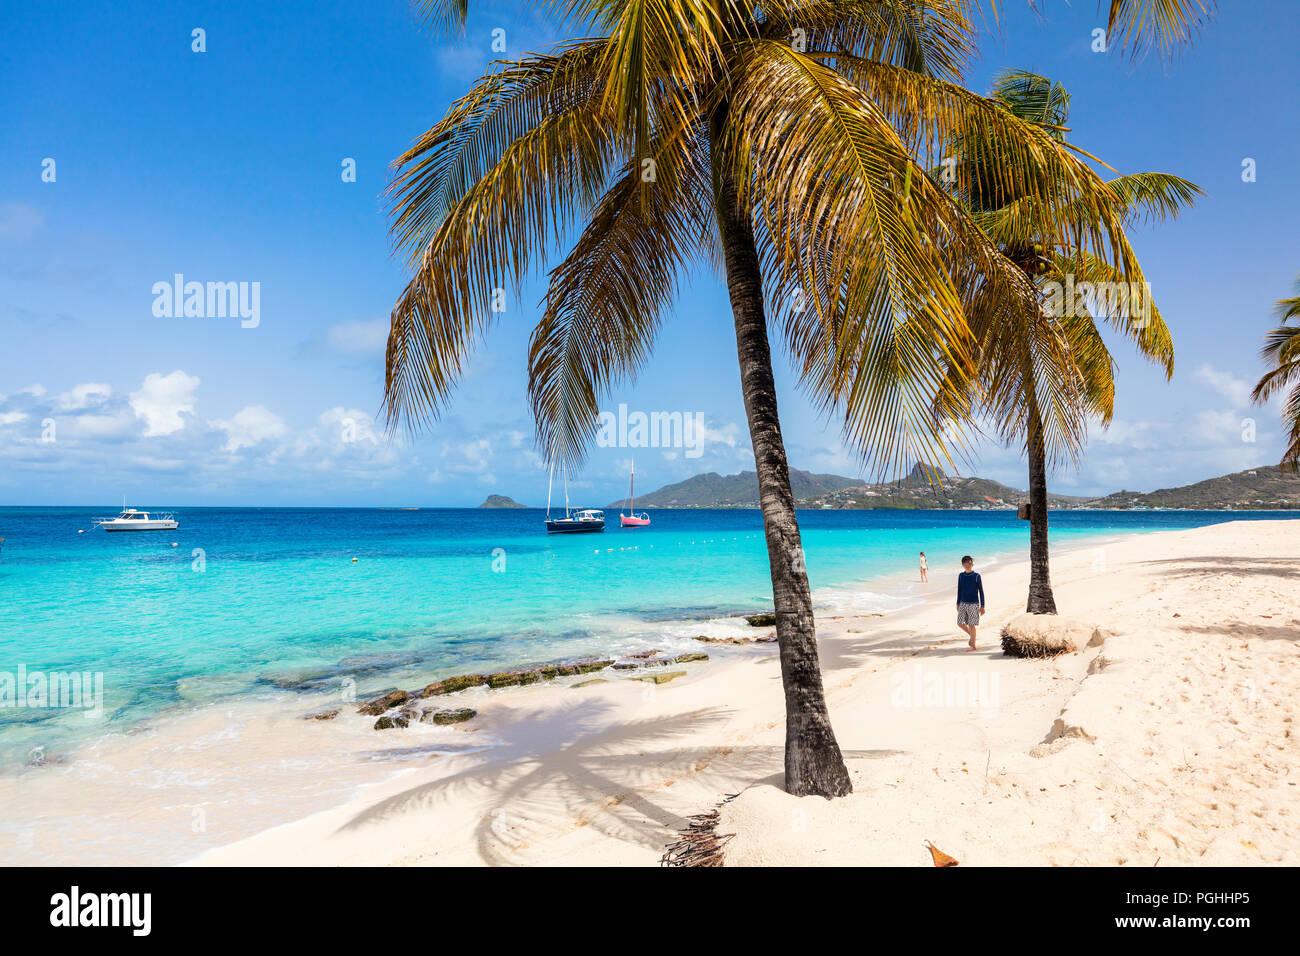 Tropical idílica playa de arena blanca, palmeras y aguas turquesas del Mar Caribe en la isla de Mayreau agua en San Vicente y las Granadinas Foto de stock